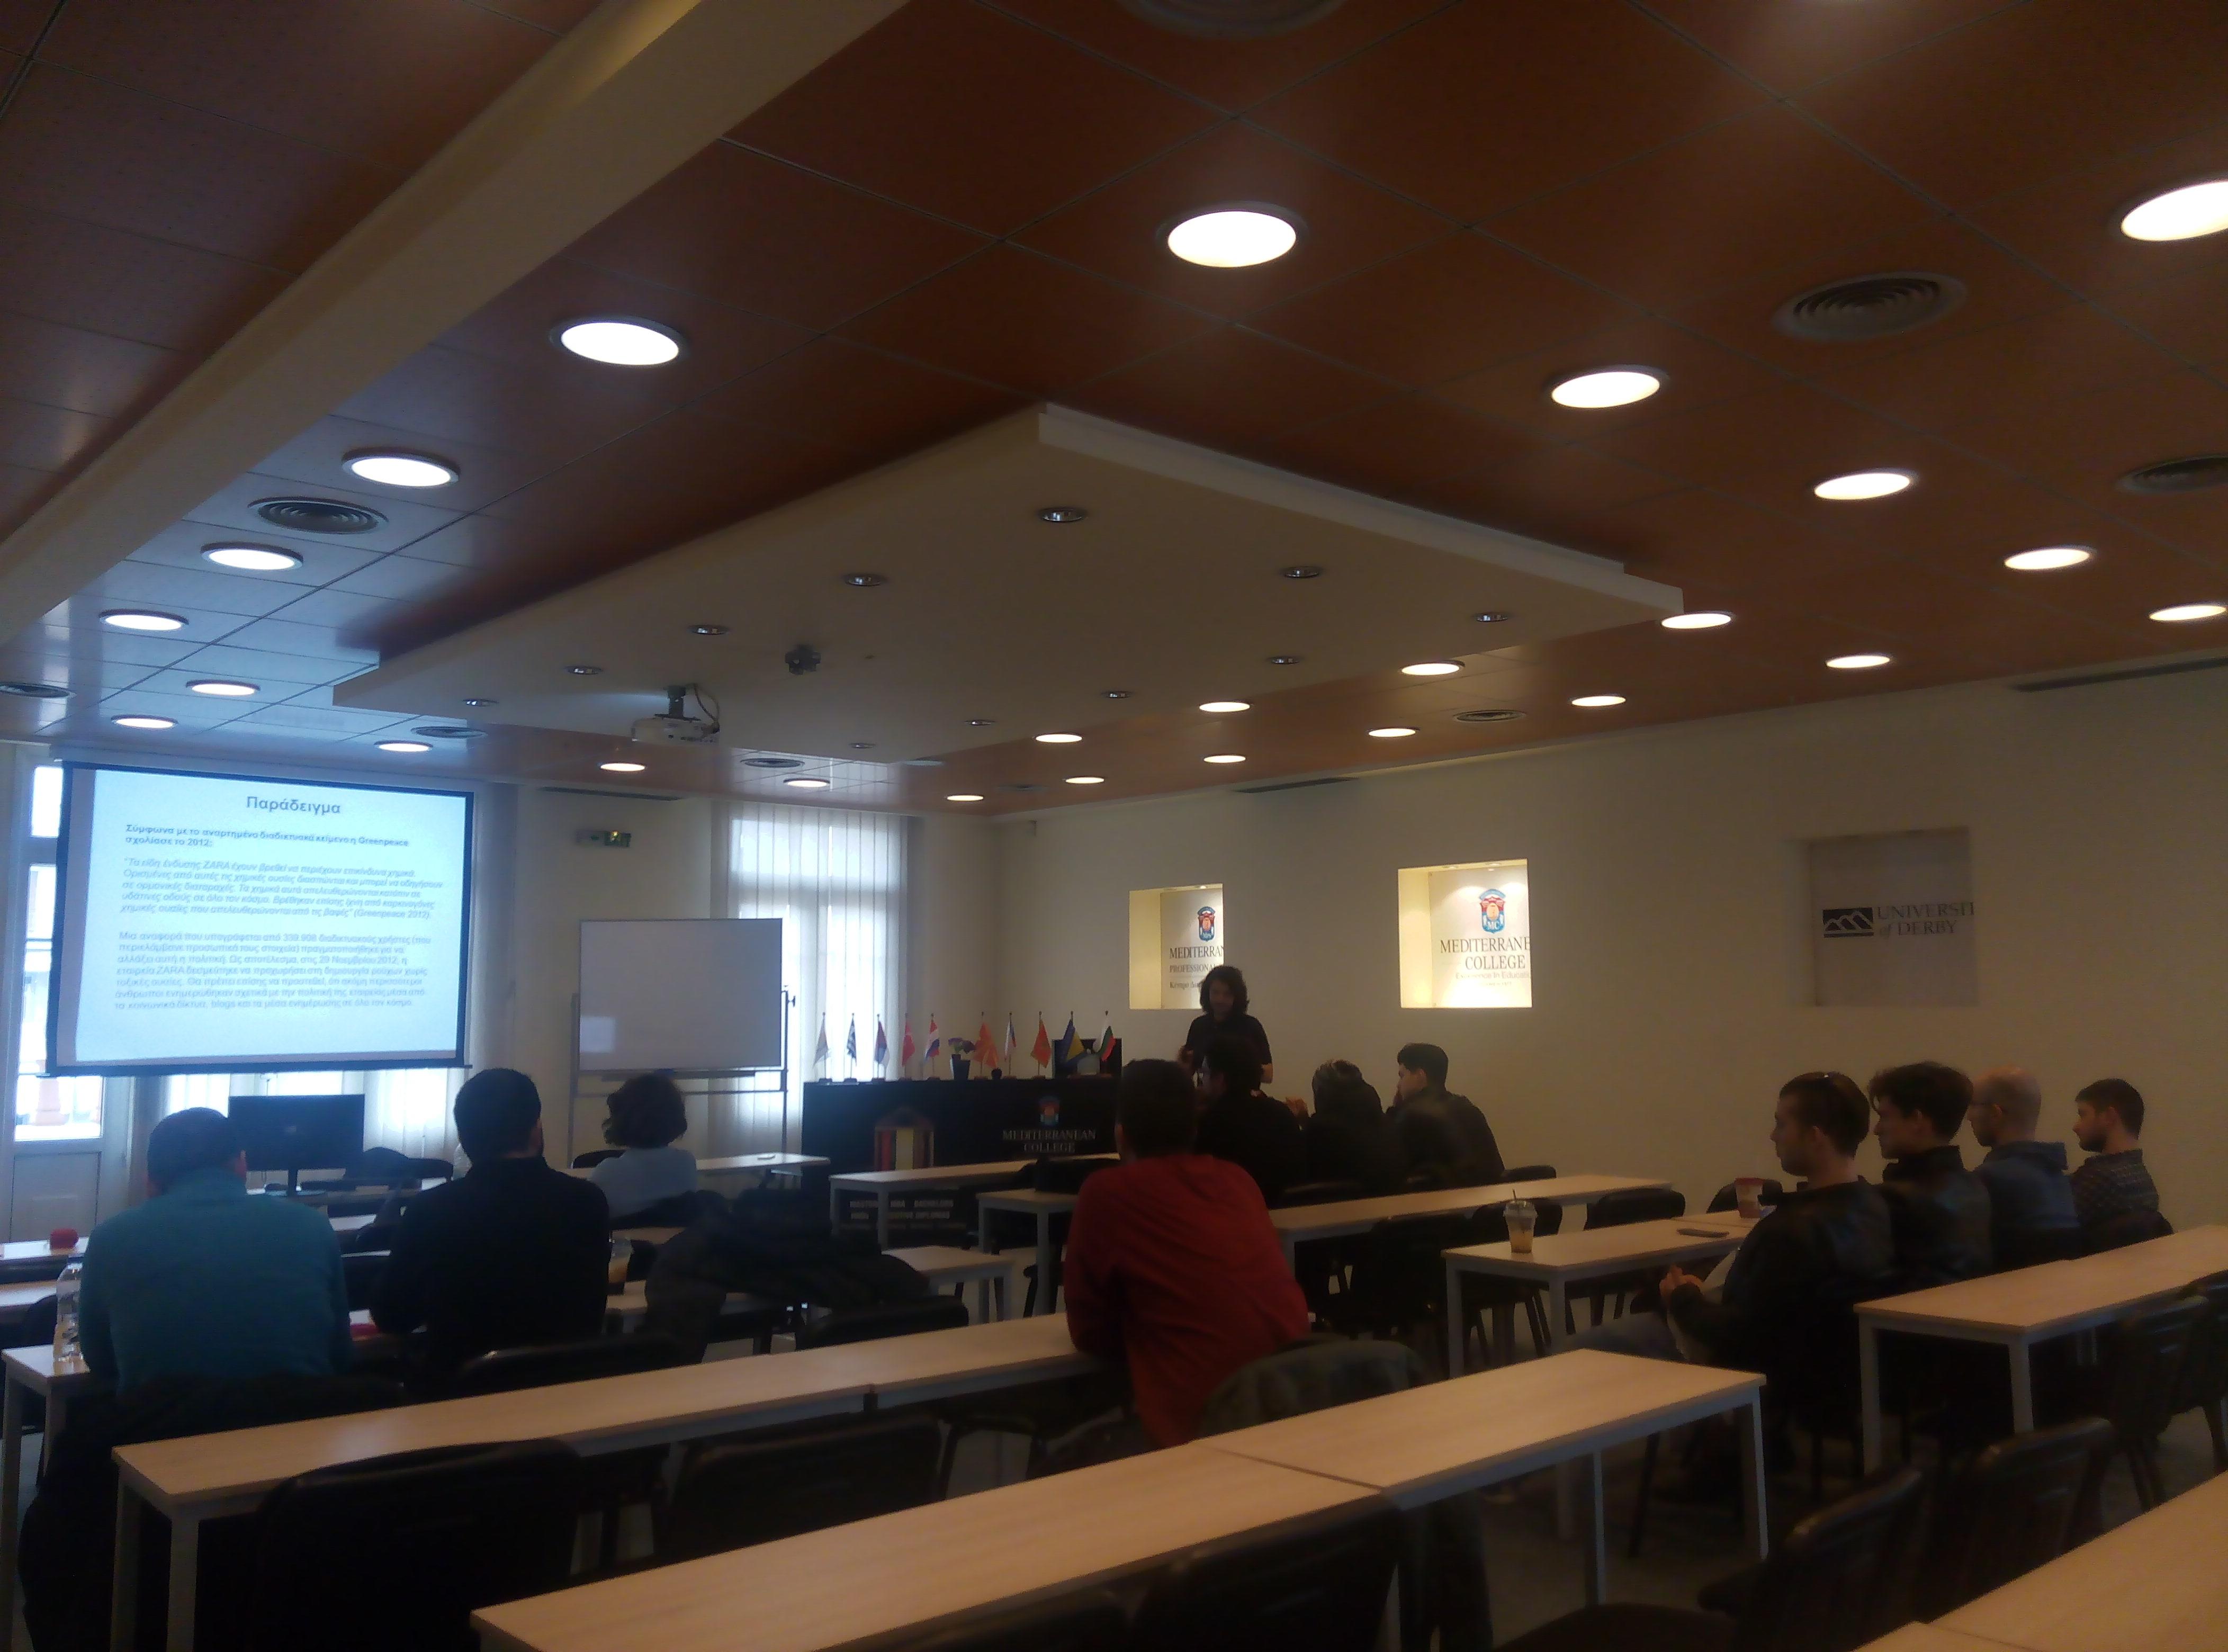 Διάλεξη για διαδικτυακούς τόπους  http://antonopoulos.info/%ce%b4%ce%b9%ce%ac%ce%bb%ce%b5%ce%be%ce%b7-site/